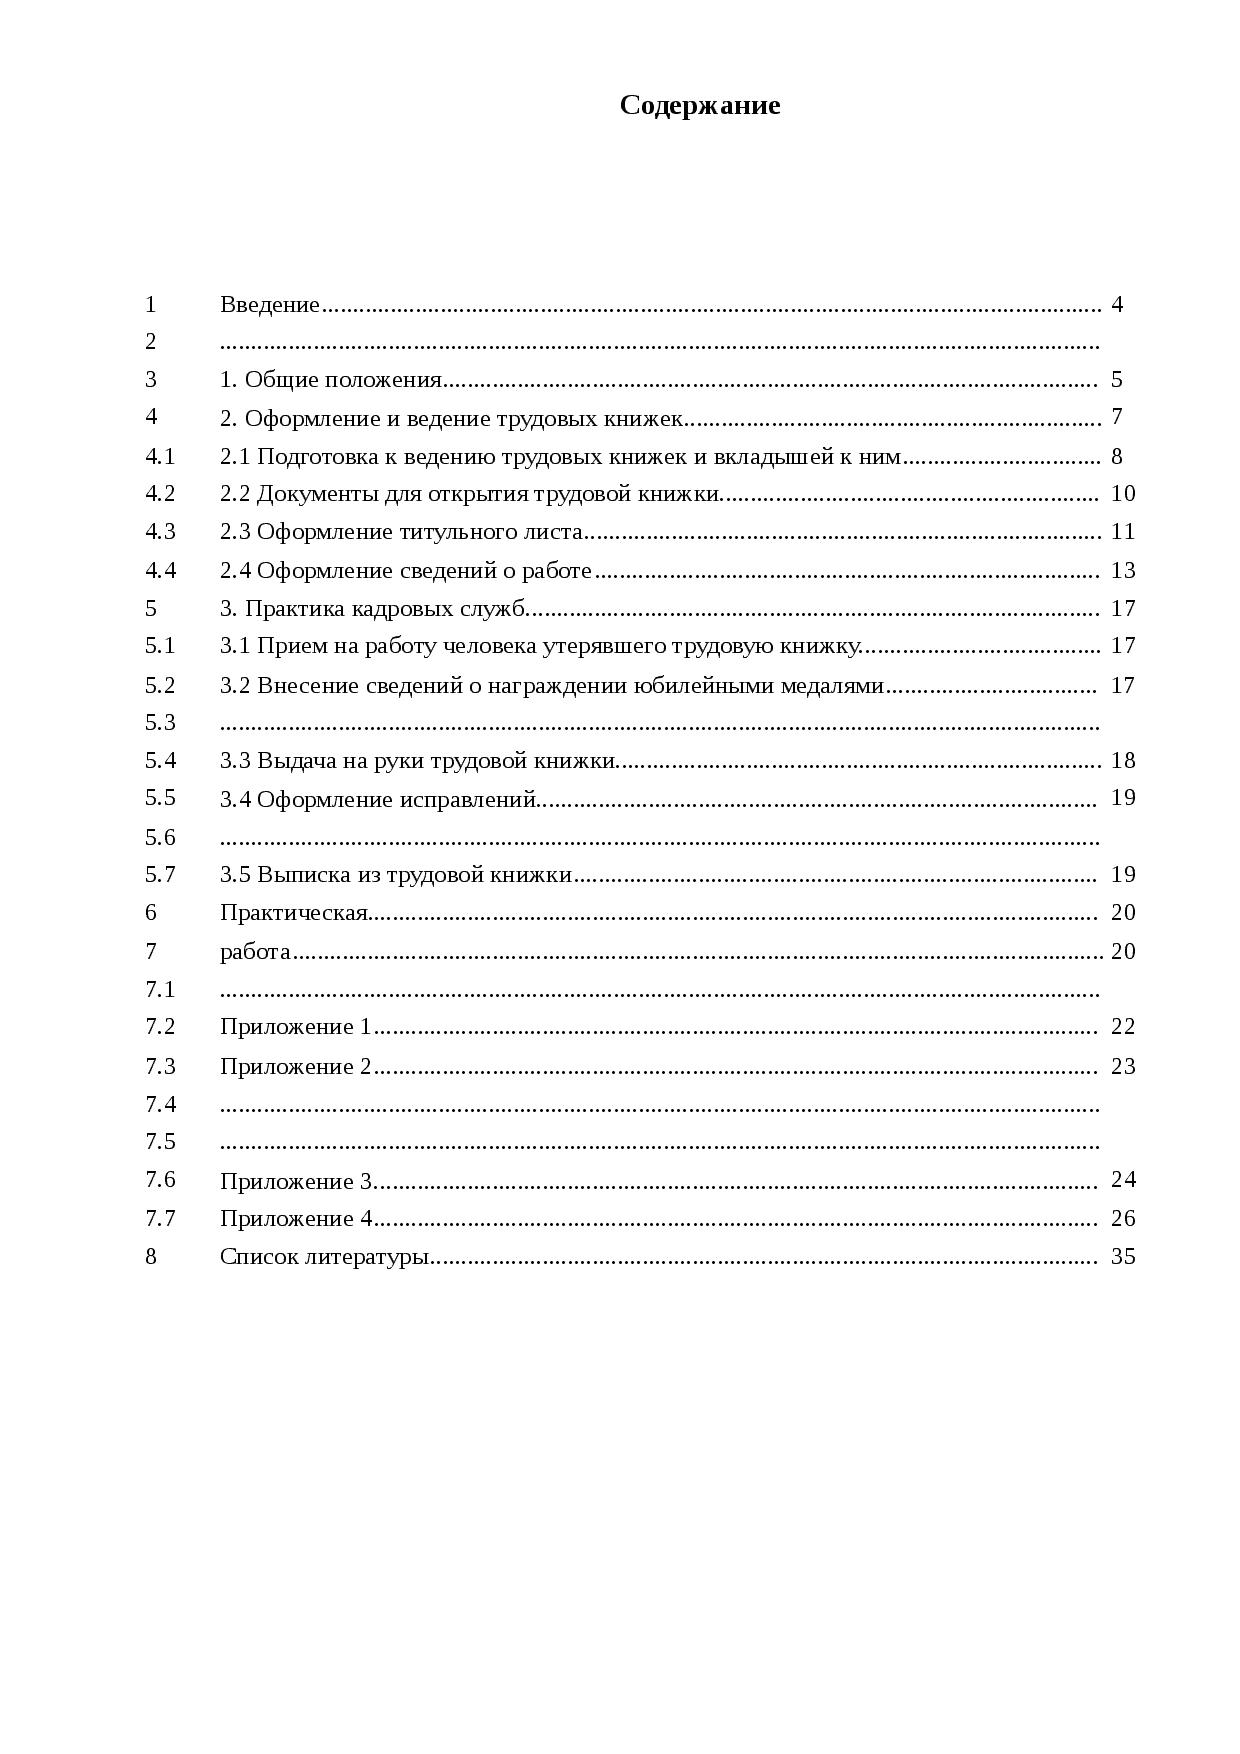 Соответствие трудовых книжек по сериям и годам: таблица и образцы